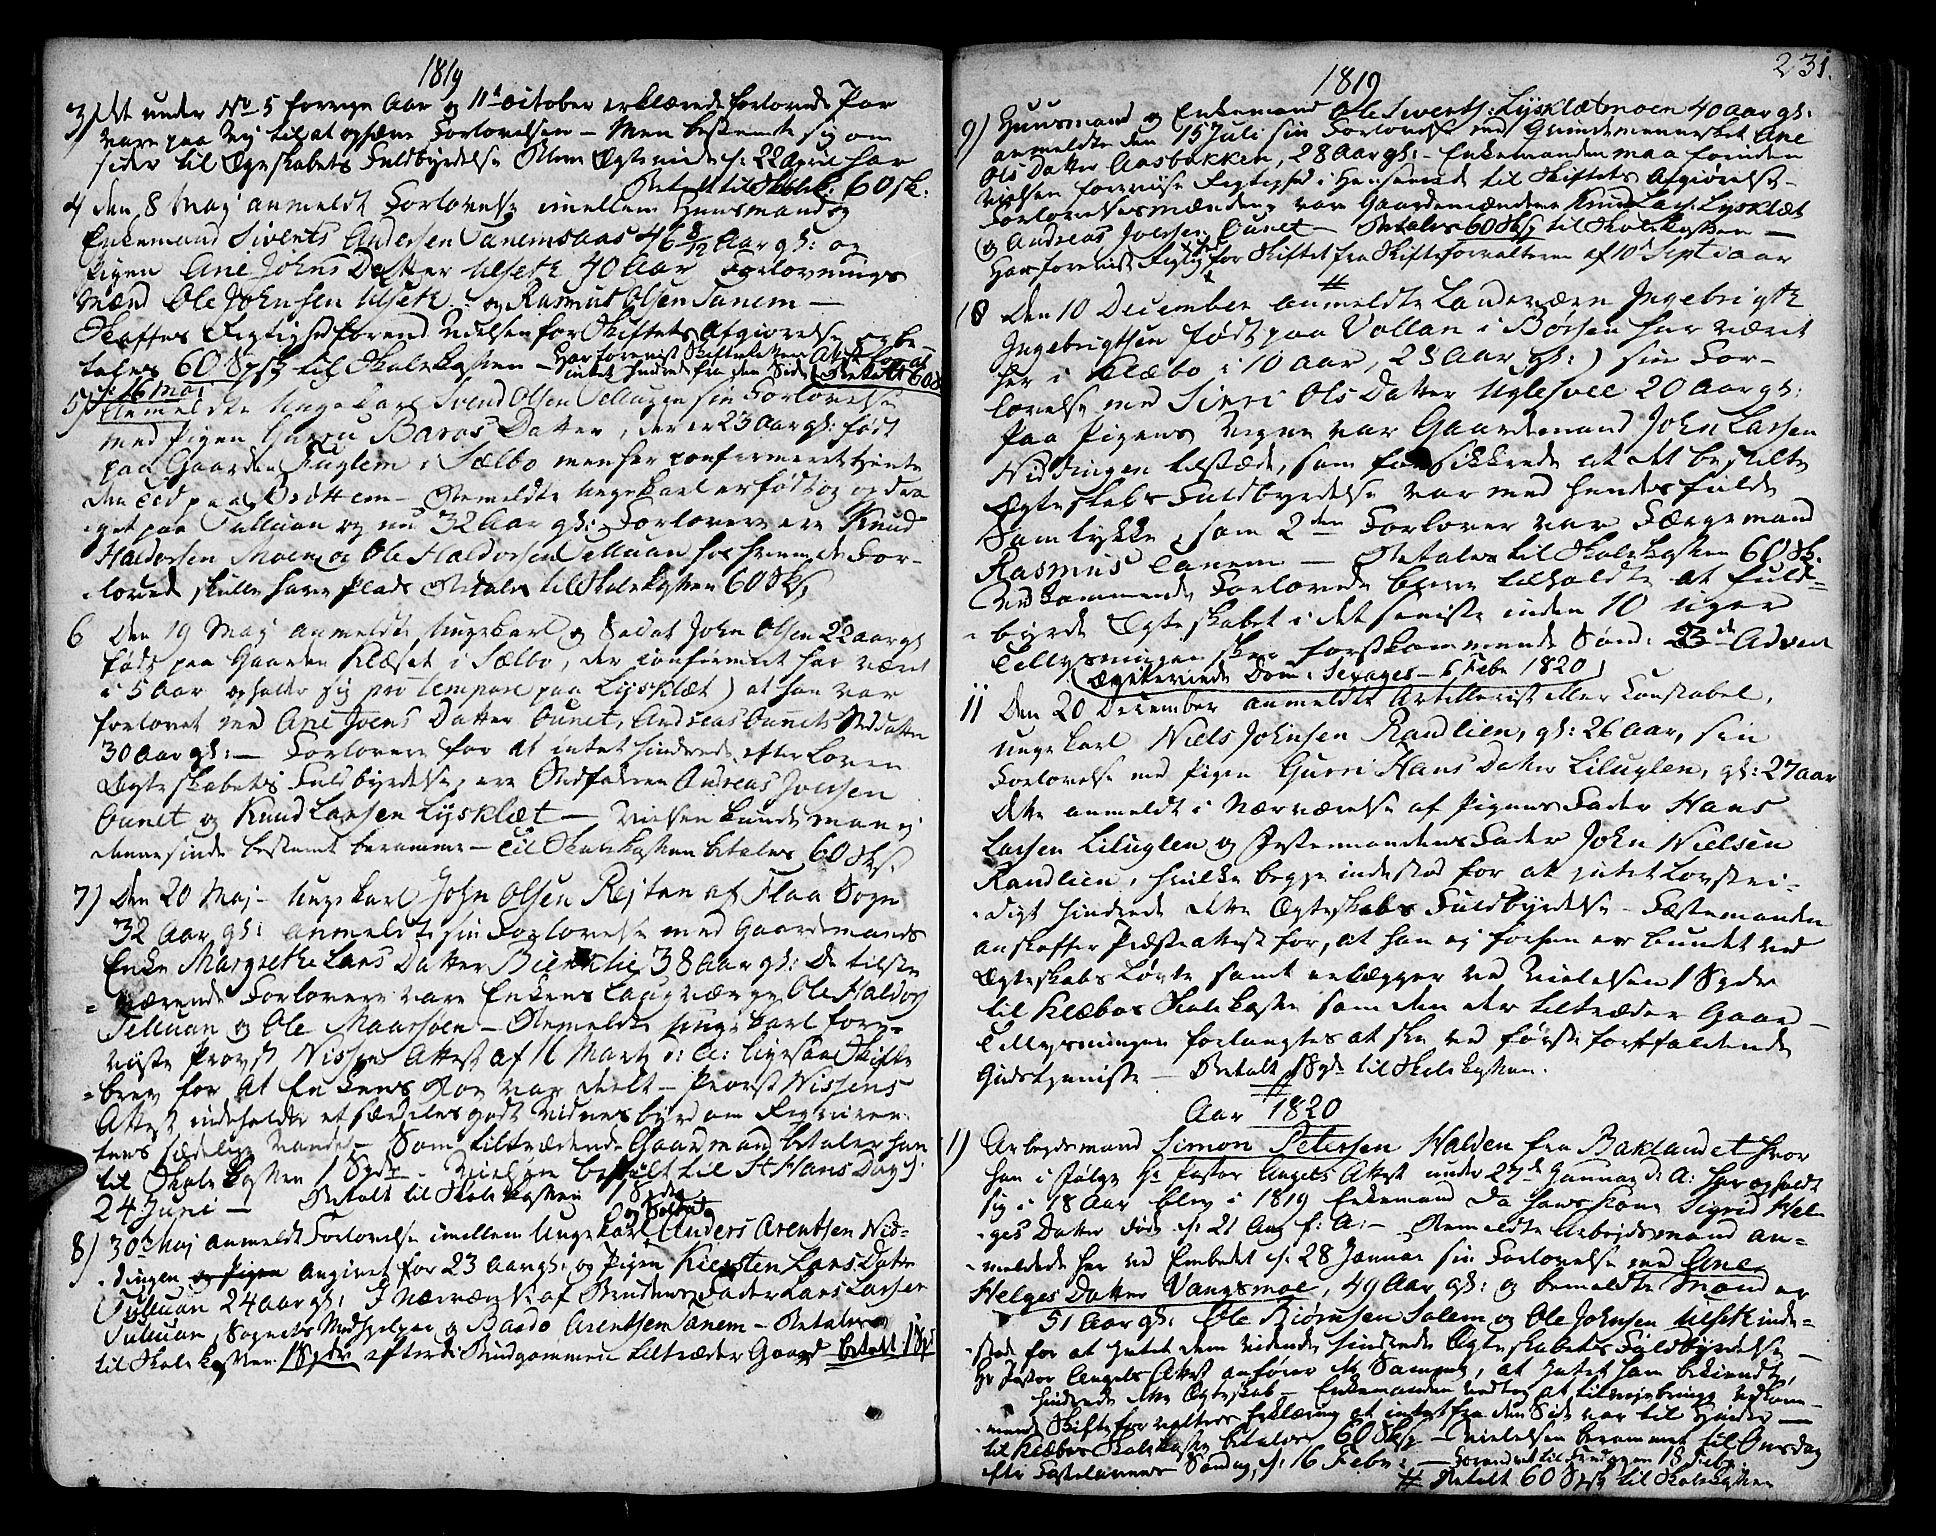 SAT, Ministerialprotokoller, klokkerbøker og fødselsregistre - Sør-Trøndelag, 618/L0438: Ministerialbok nr. 618A03, 1783-1815, s. 231